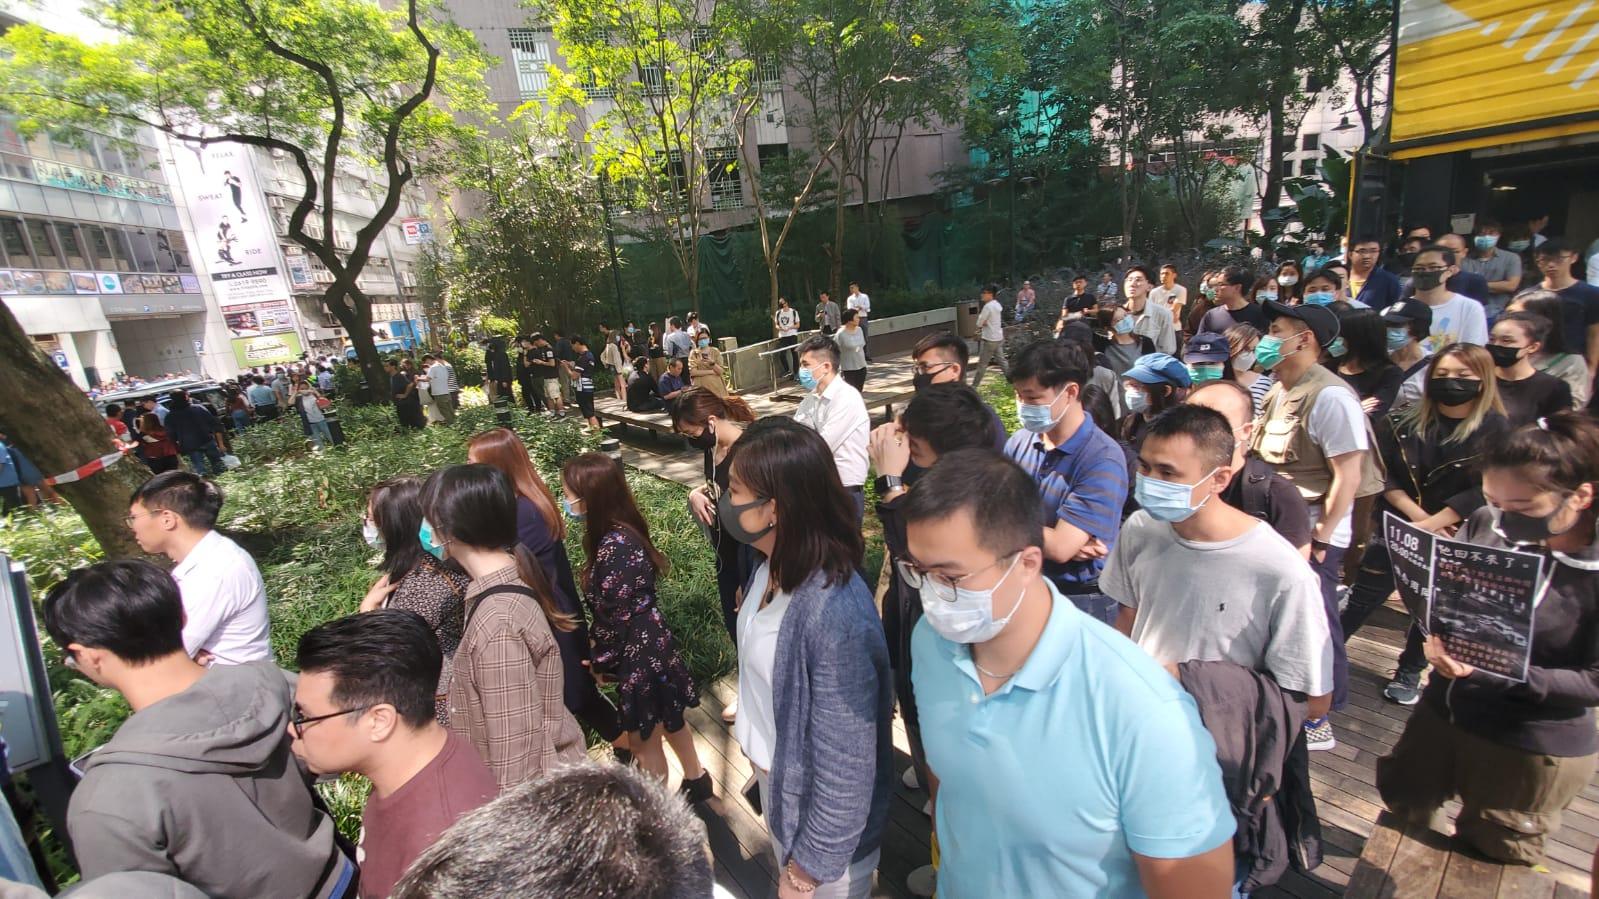 大批市民在觀塘駿業街默哀,悼念墮樓科大生。